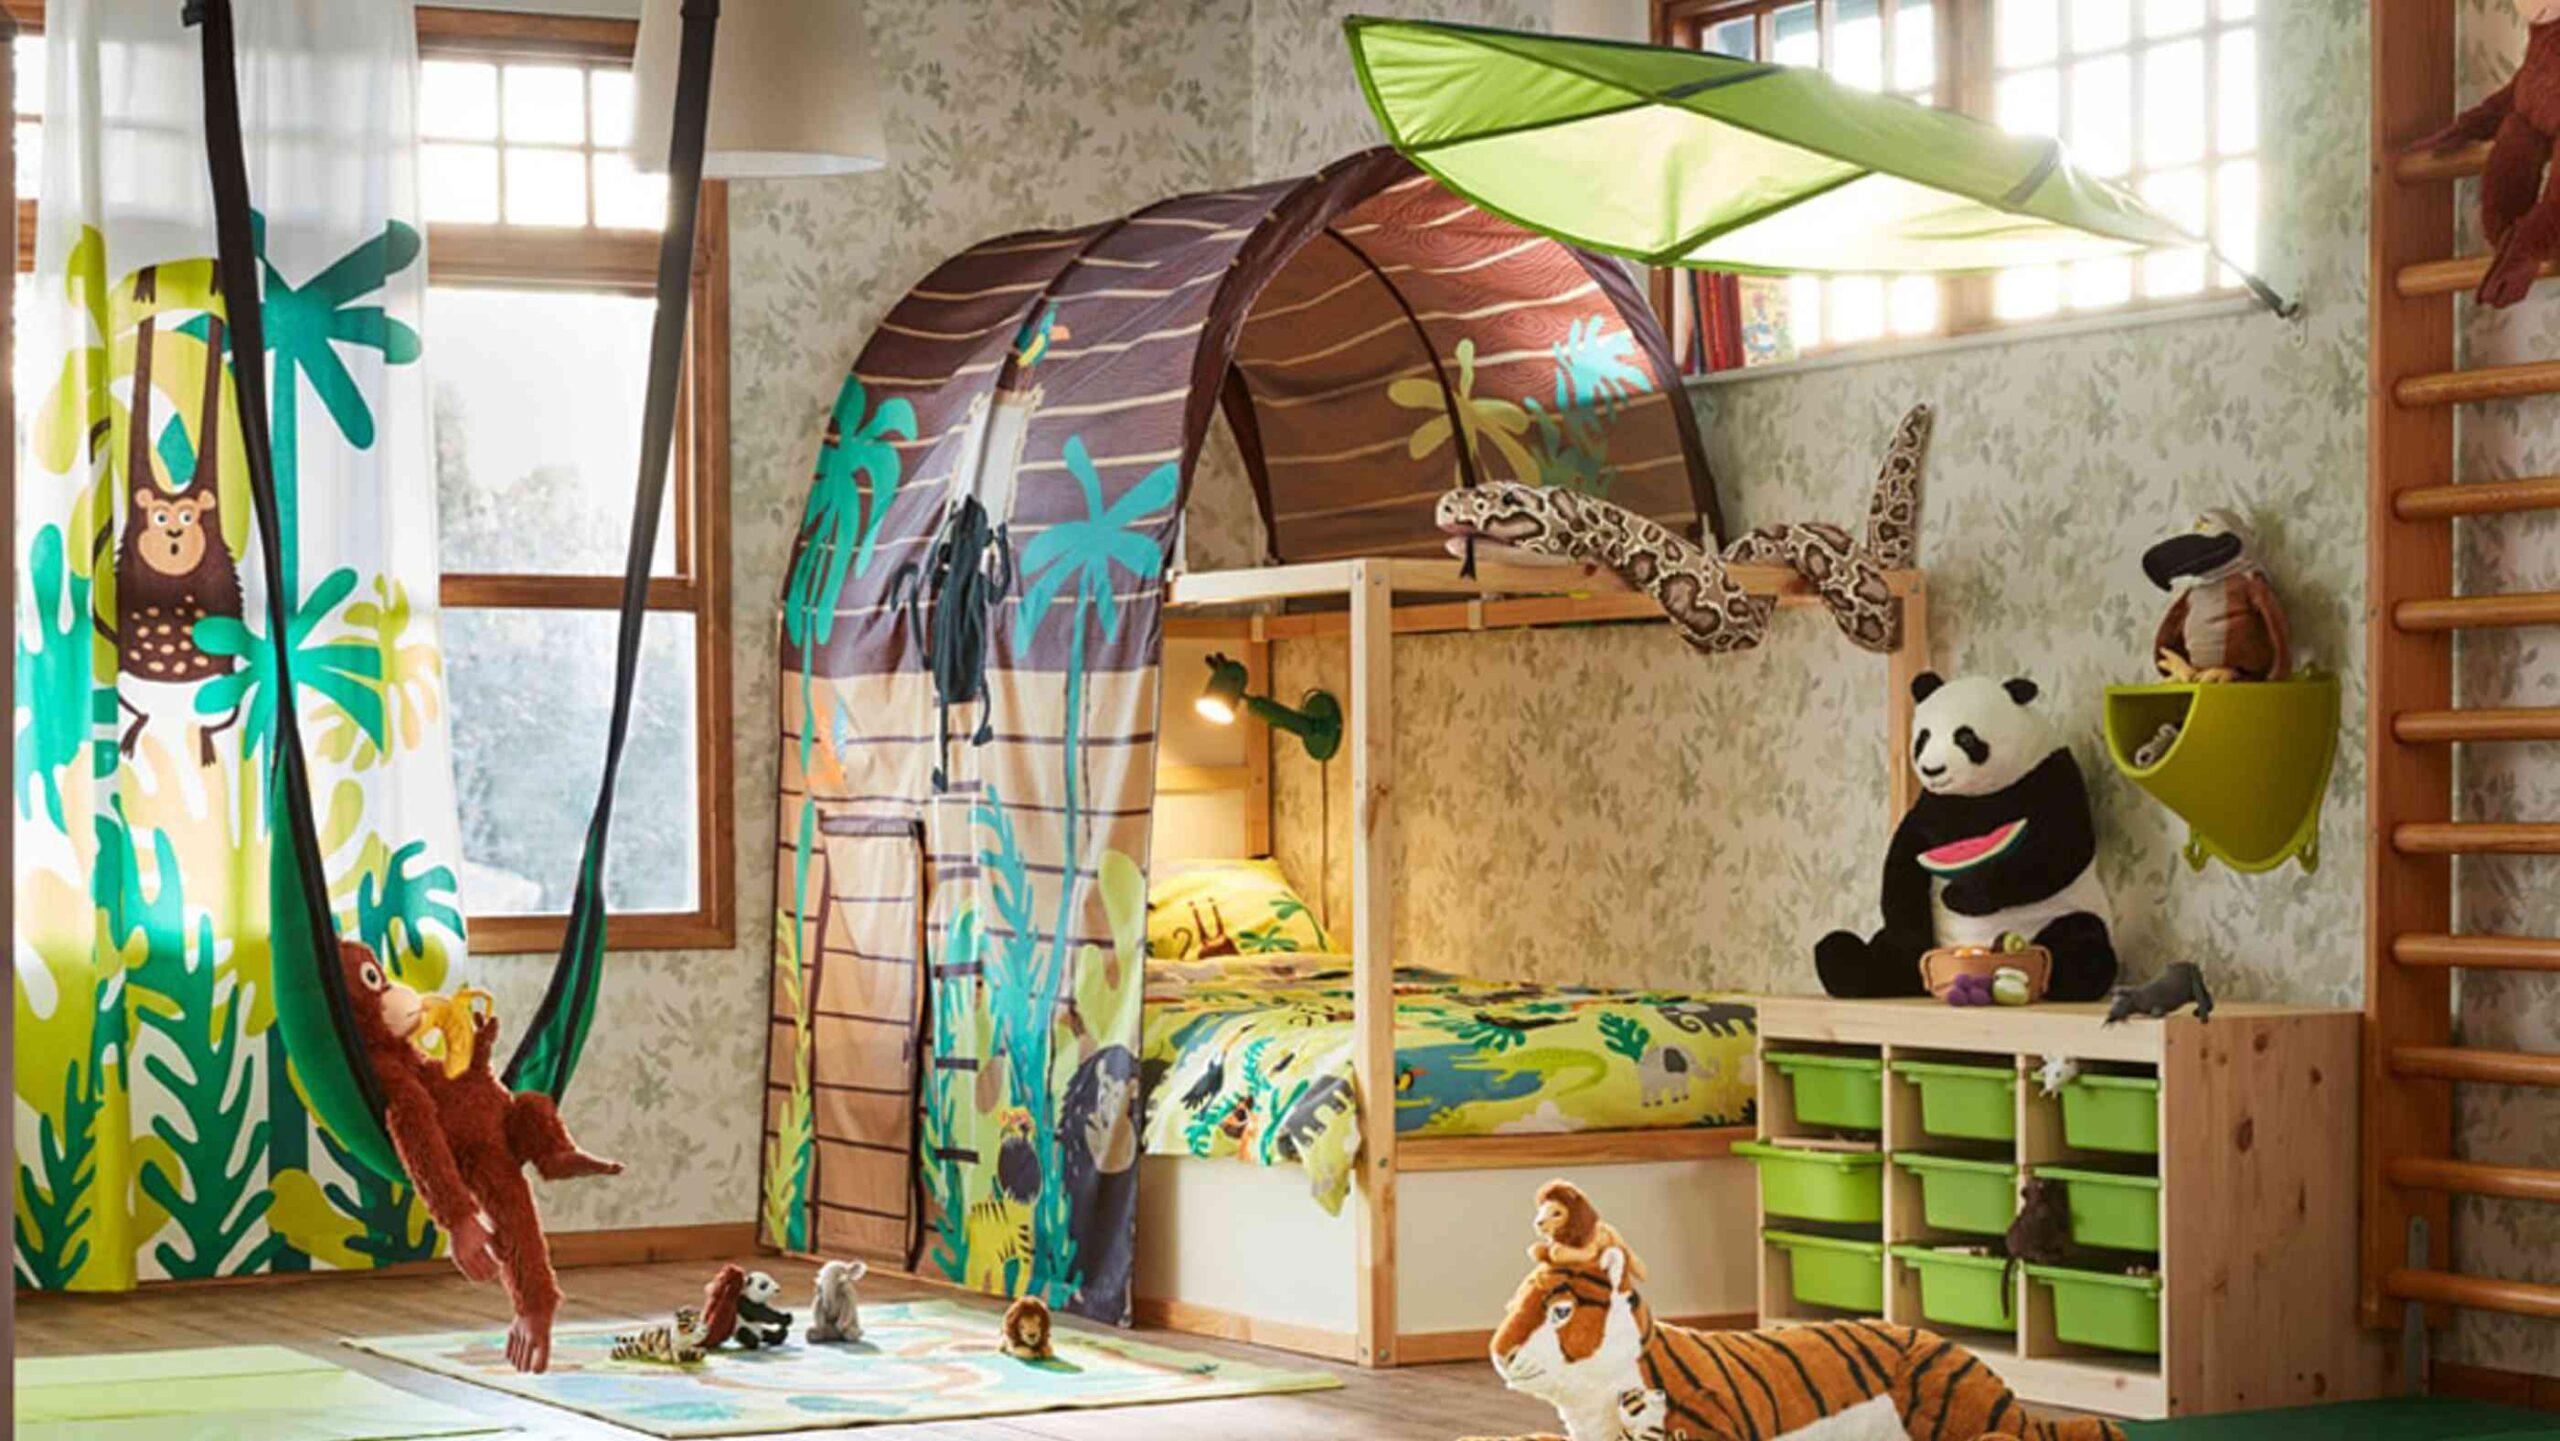 Full Size of Kinderzimmer Einrichten Junge Kreative Ideen Und Wertvolle Tipps Kleine Küche Badezimmer Regal Sofa Weiß Regale Kinderzimmer Kinderzimmer Einrichten Junge